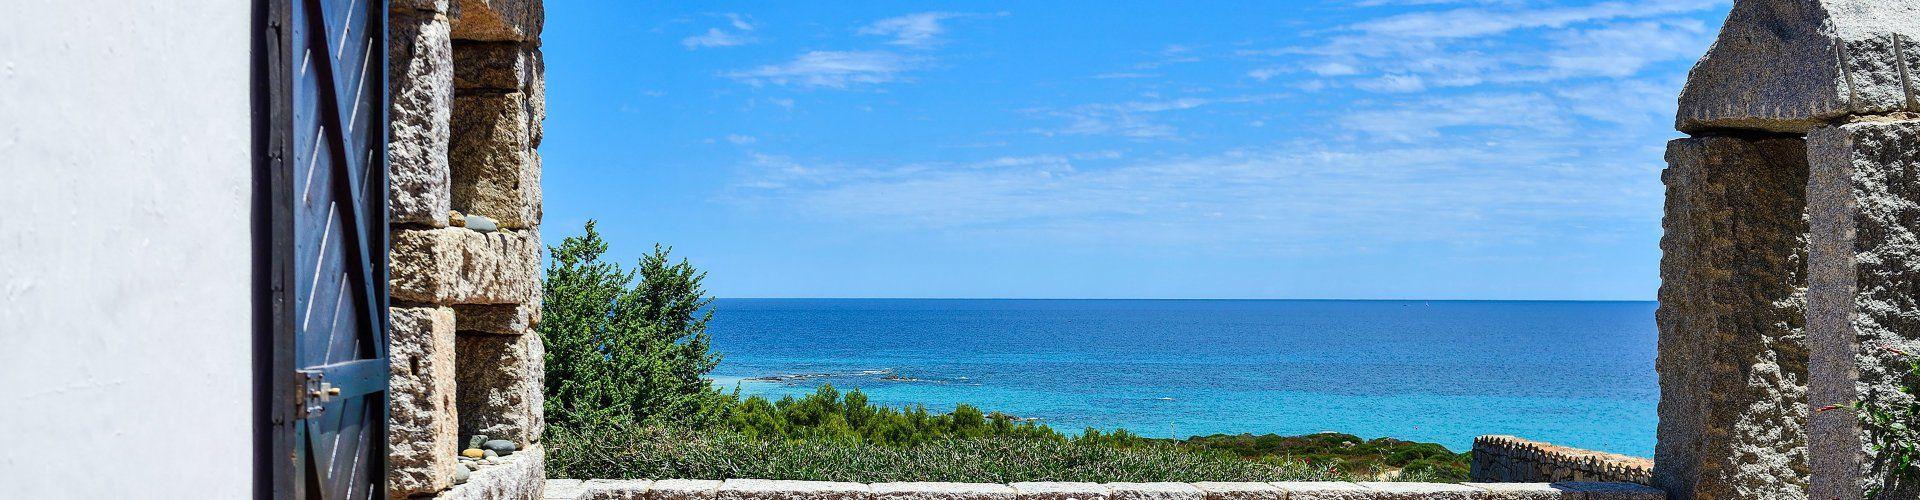 Sensationeller, direkter Meerblick von der Terrasse aus in Sant'Elmo